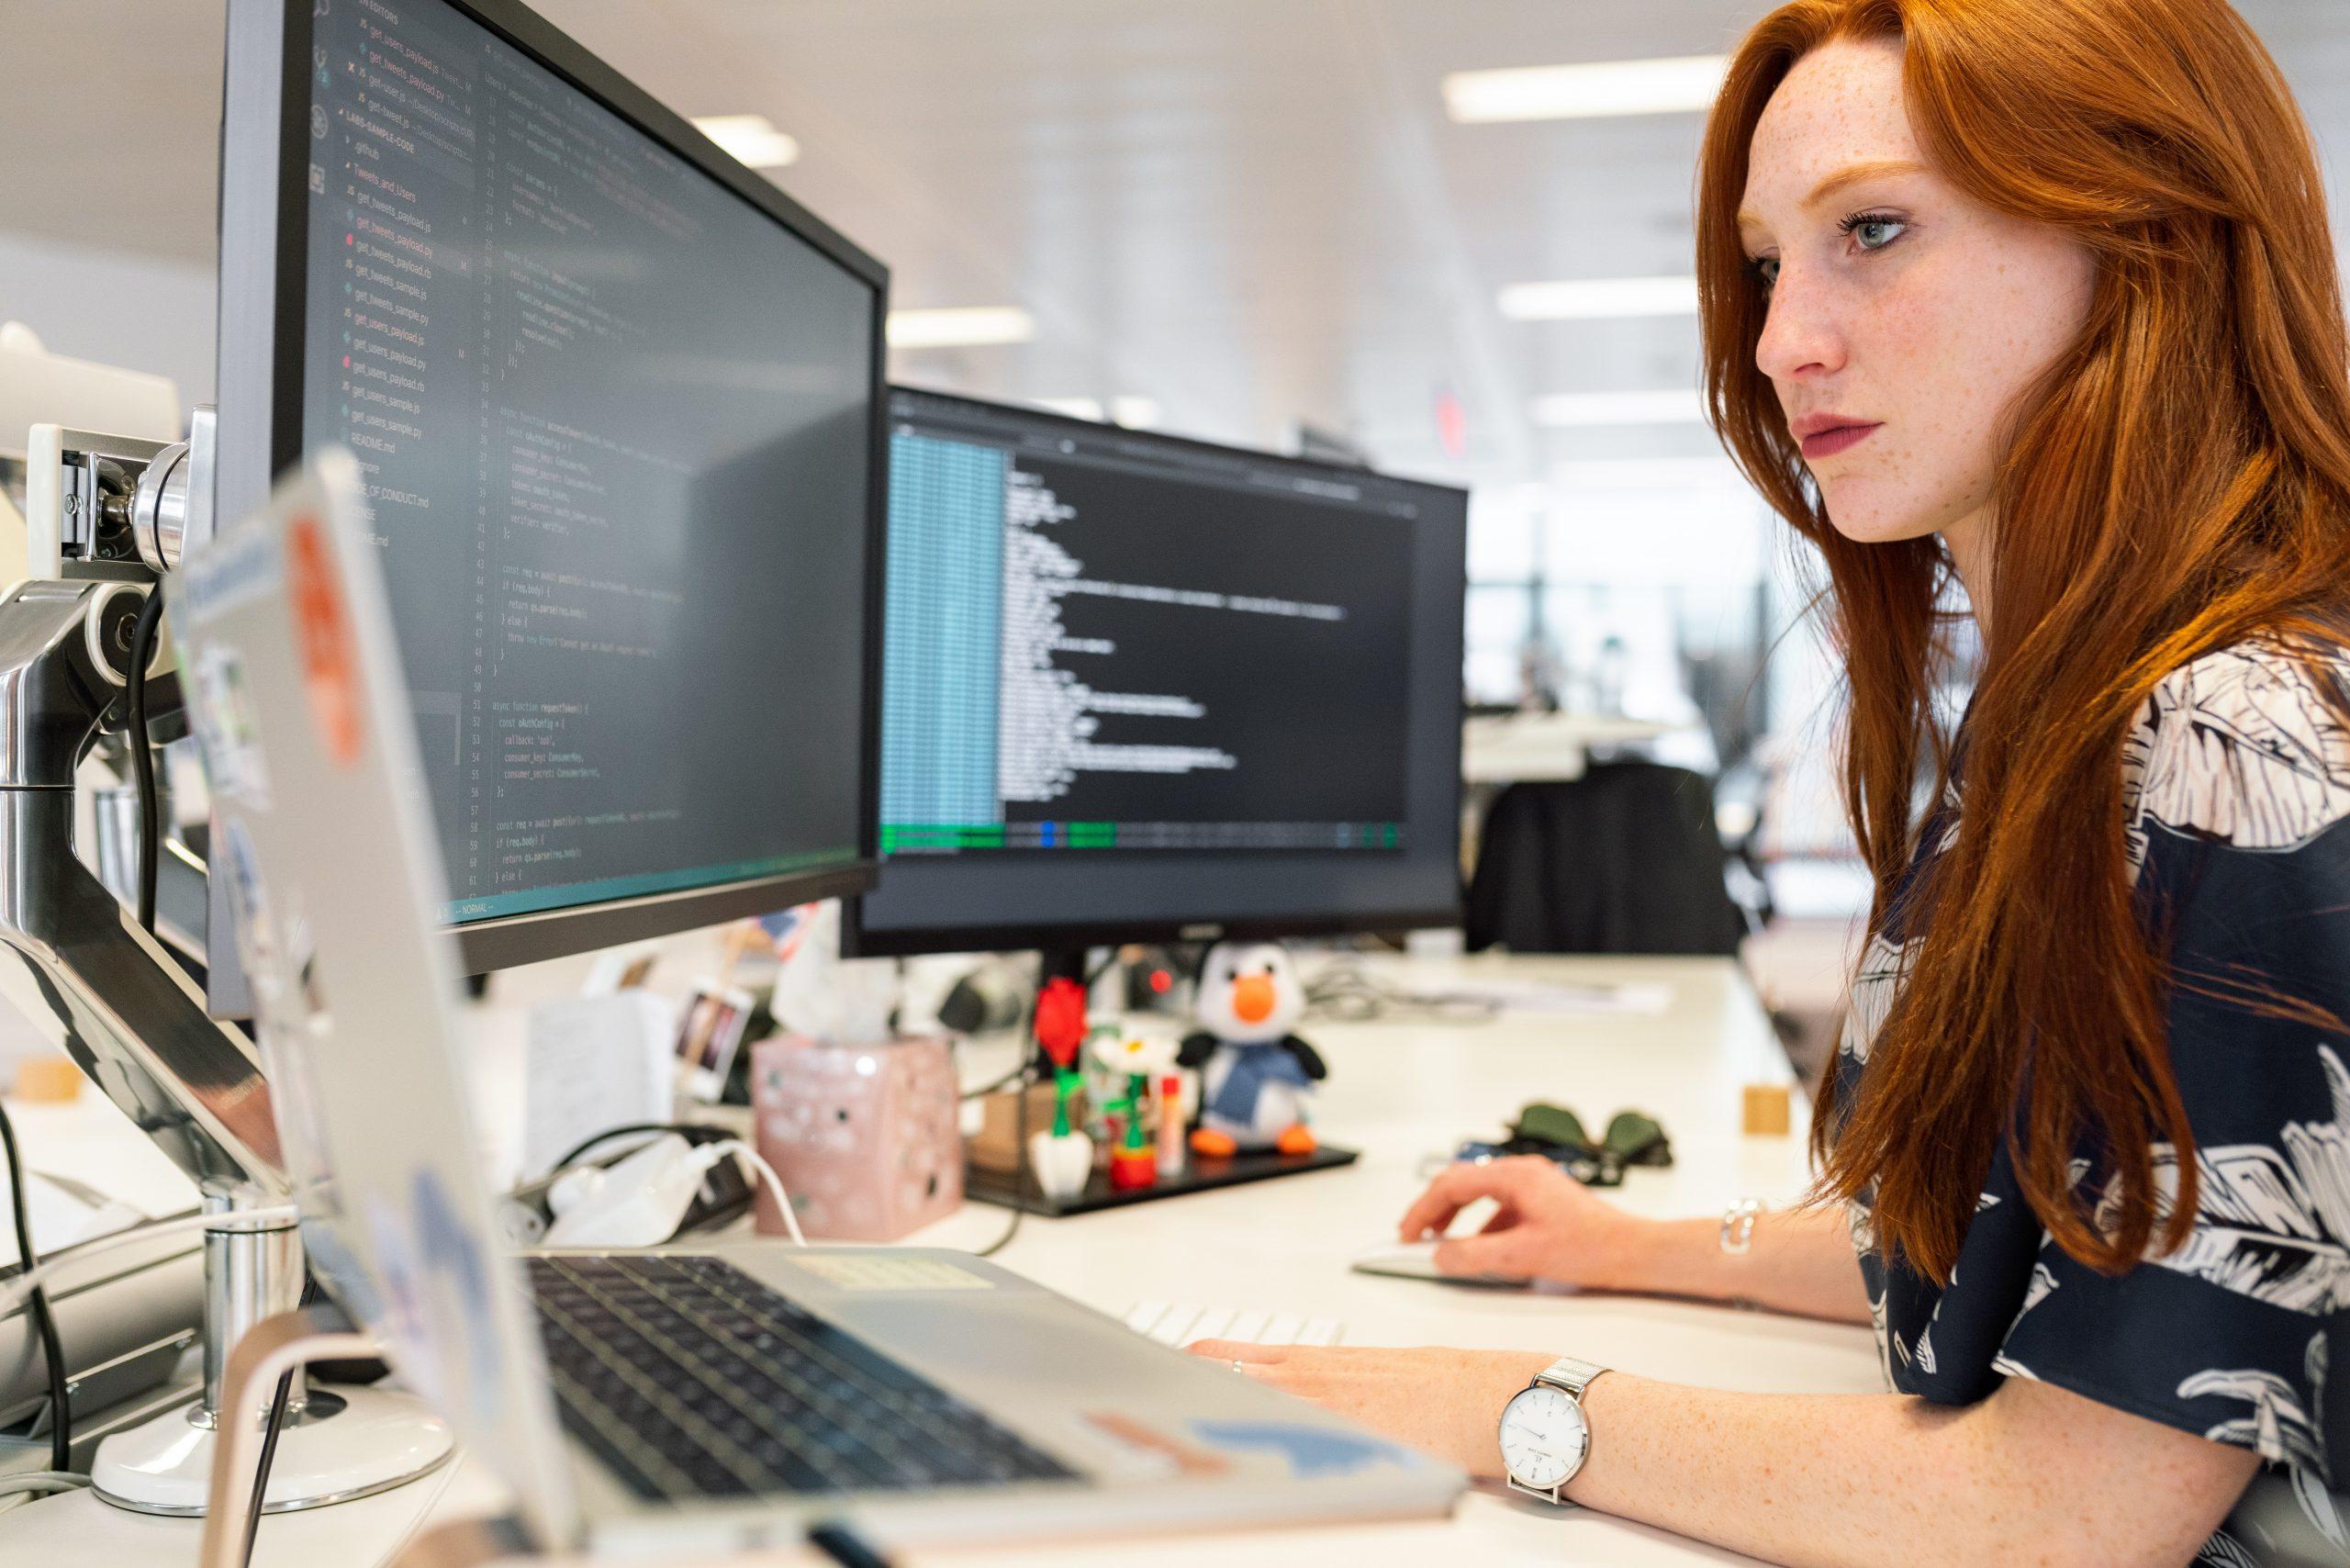 Mulher trabalhando com dois monitores de computador e um notebook na mesa.